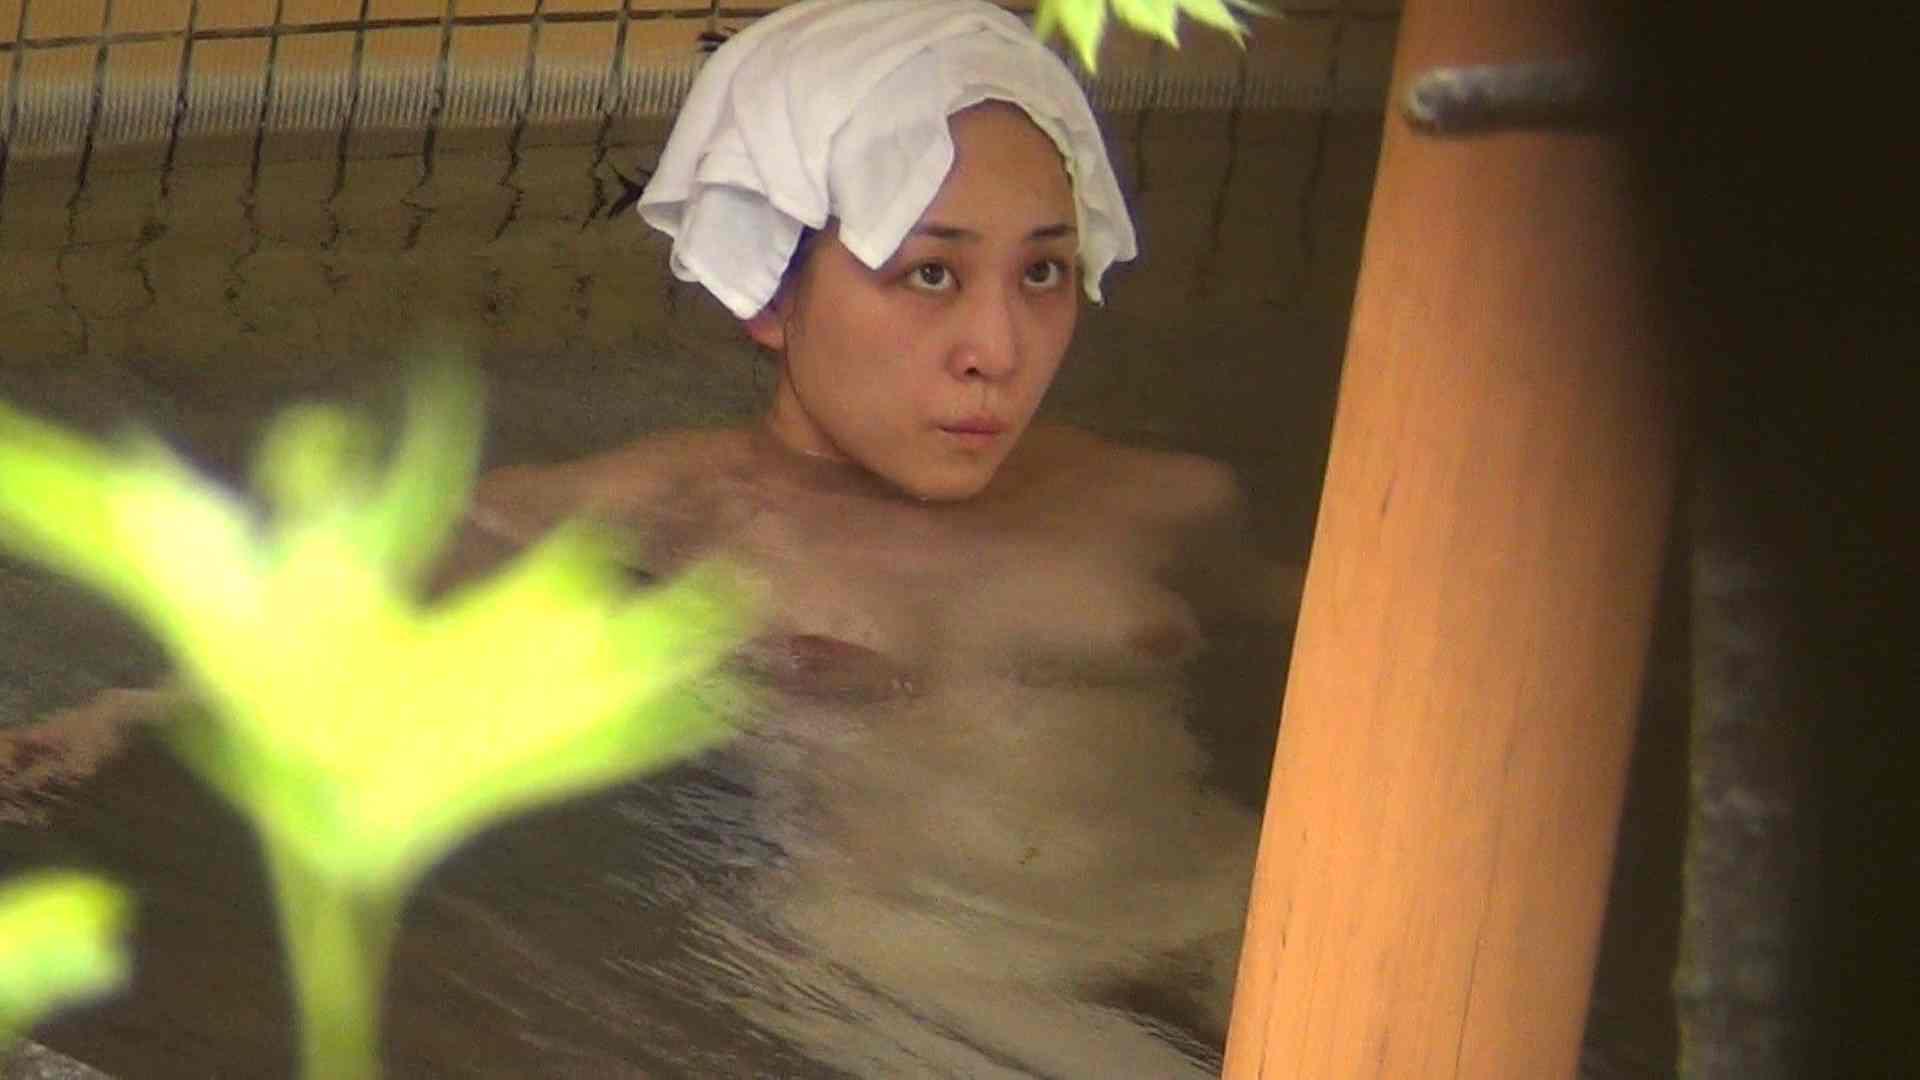 Aquaな露天風呂Vol.231 OLセックス のぞき動画画像 63画像 56